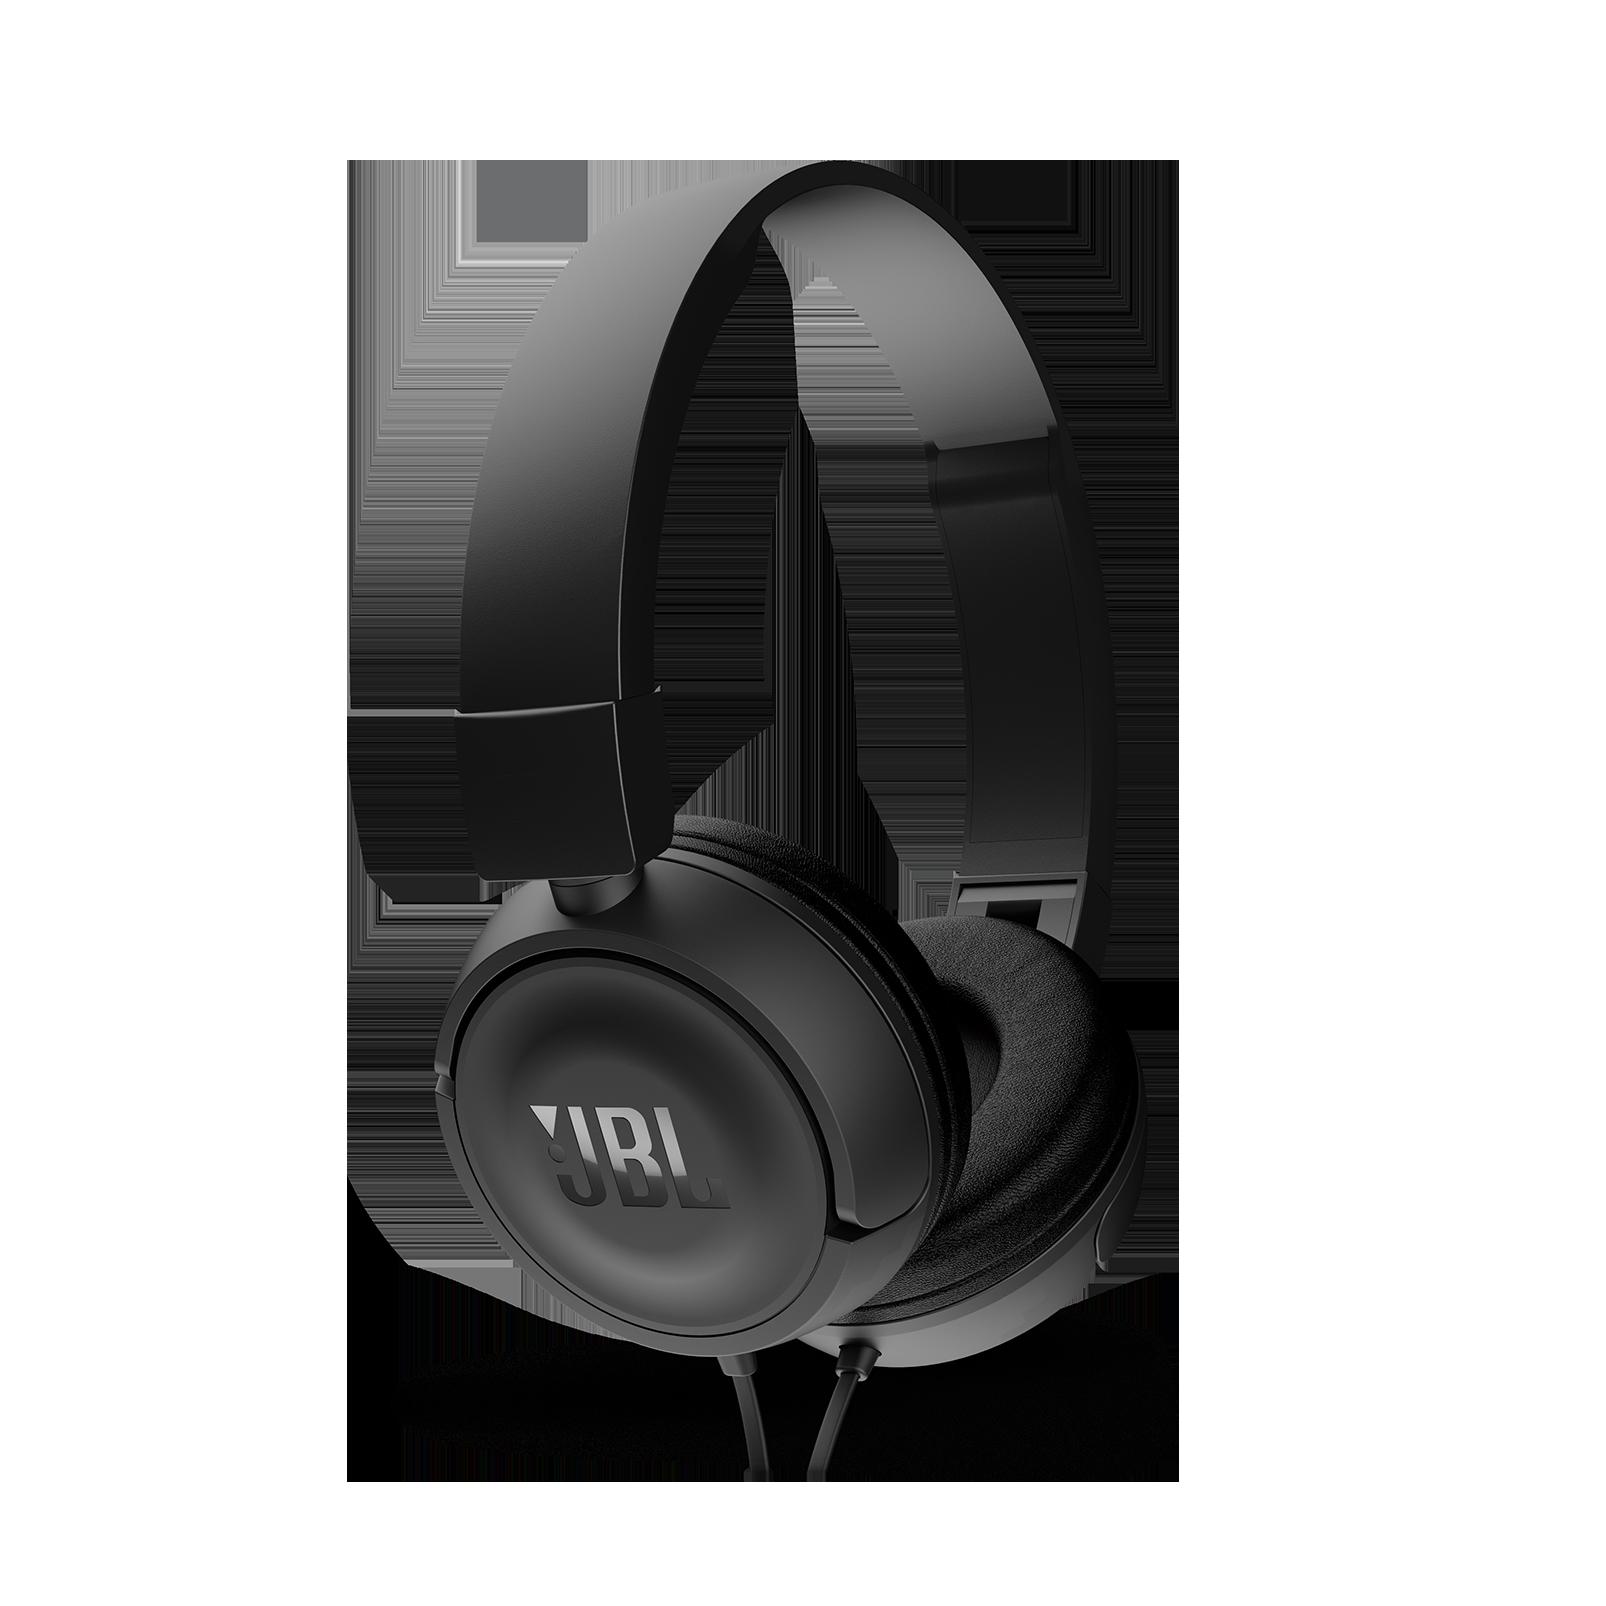 JBL T450 - Black - On-ear headphones - Detailshot 2